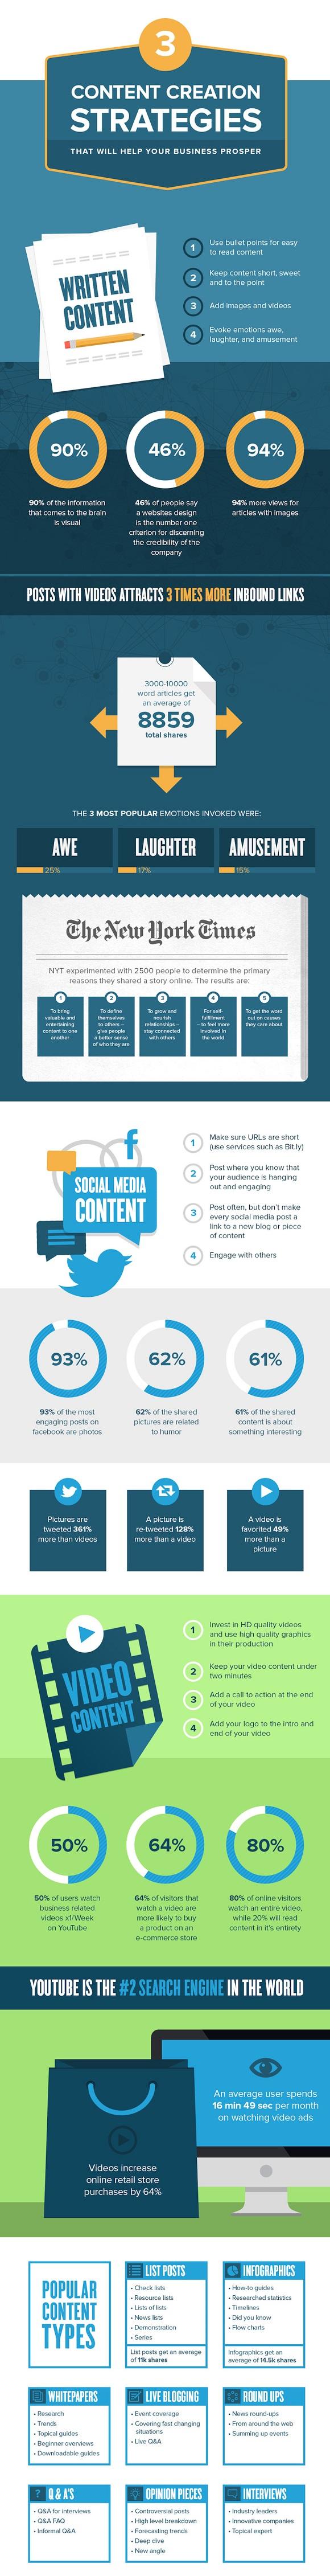 3 utili strategie di produzione contenuti